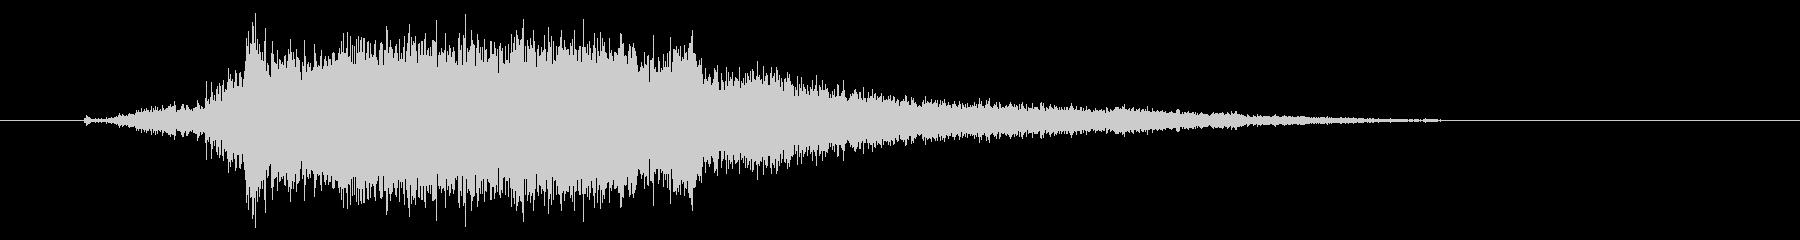 ドリルで木材に穴をあける音2の未再生の波形